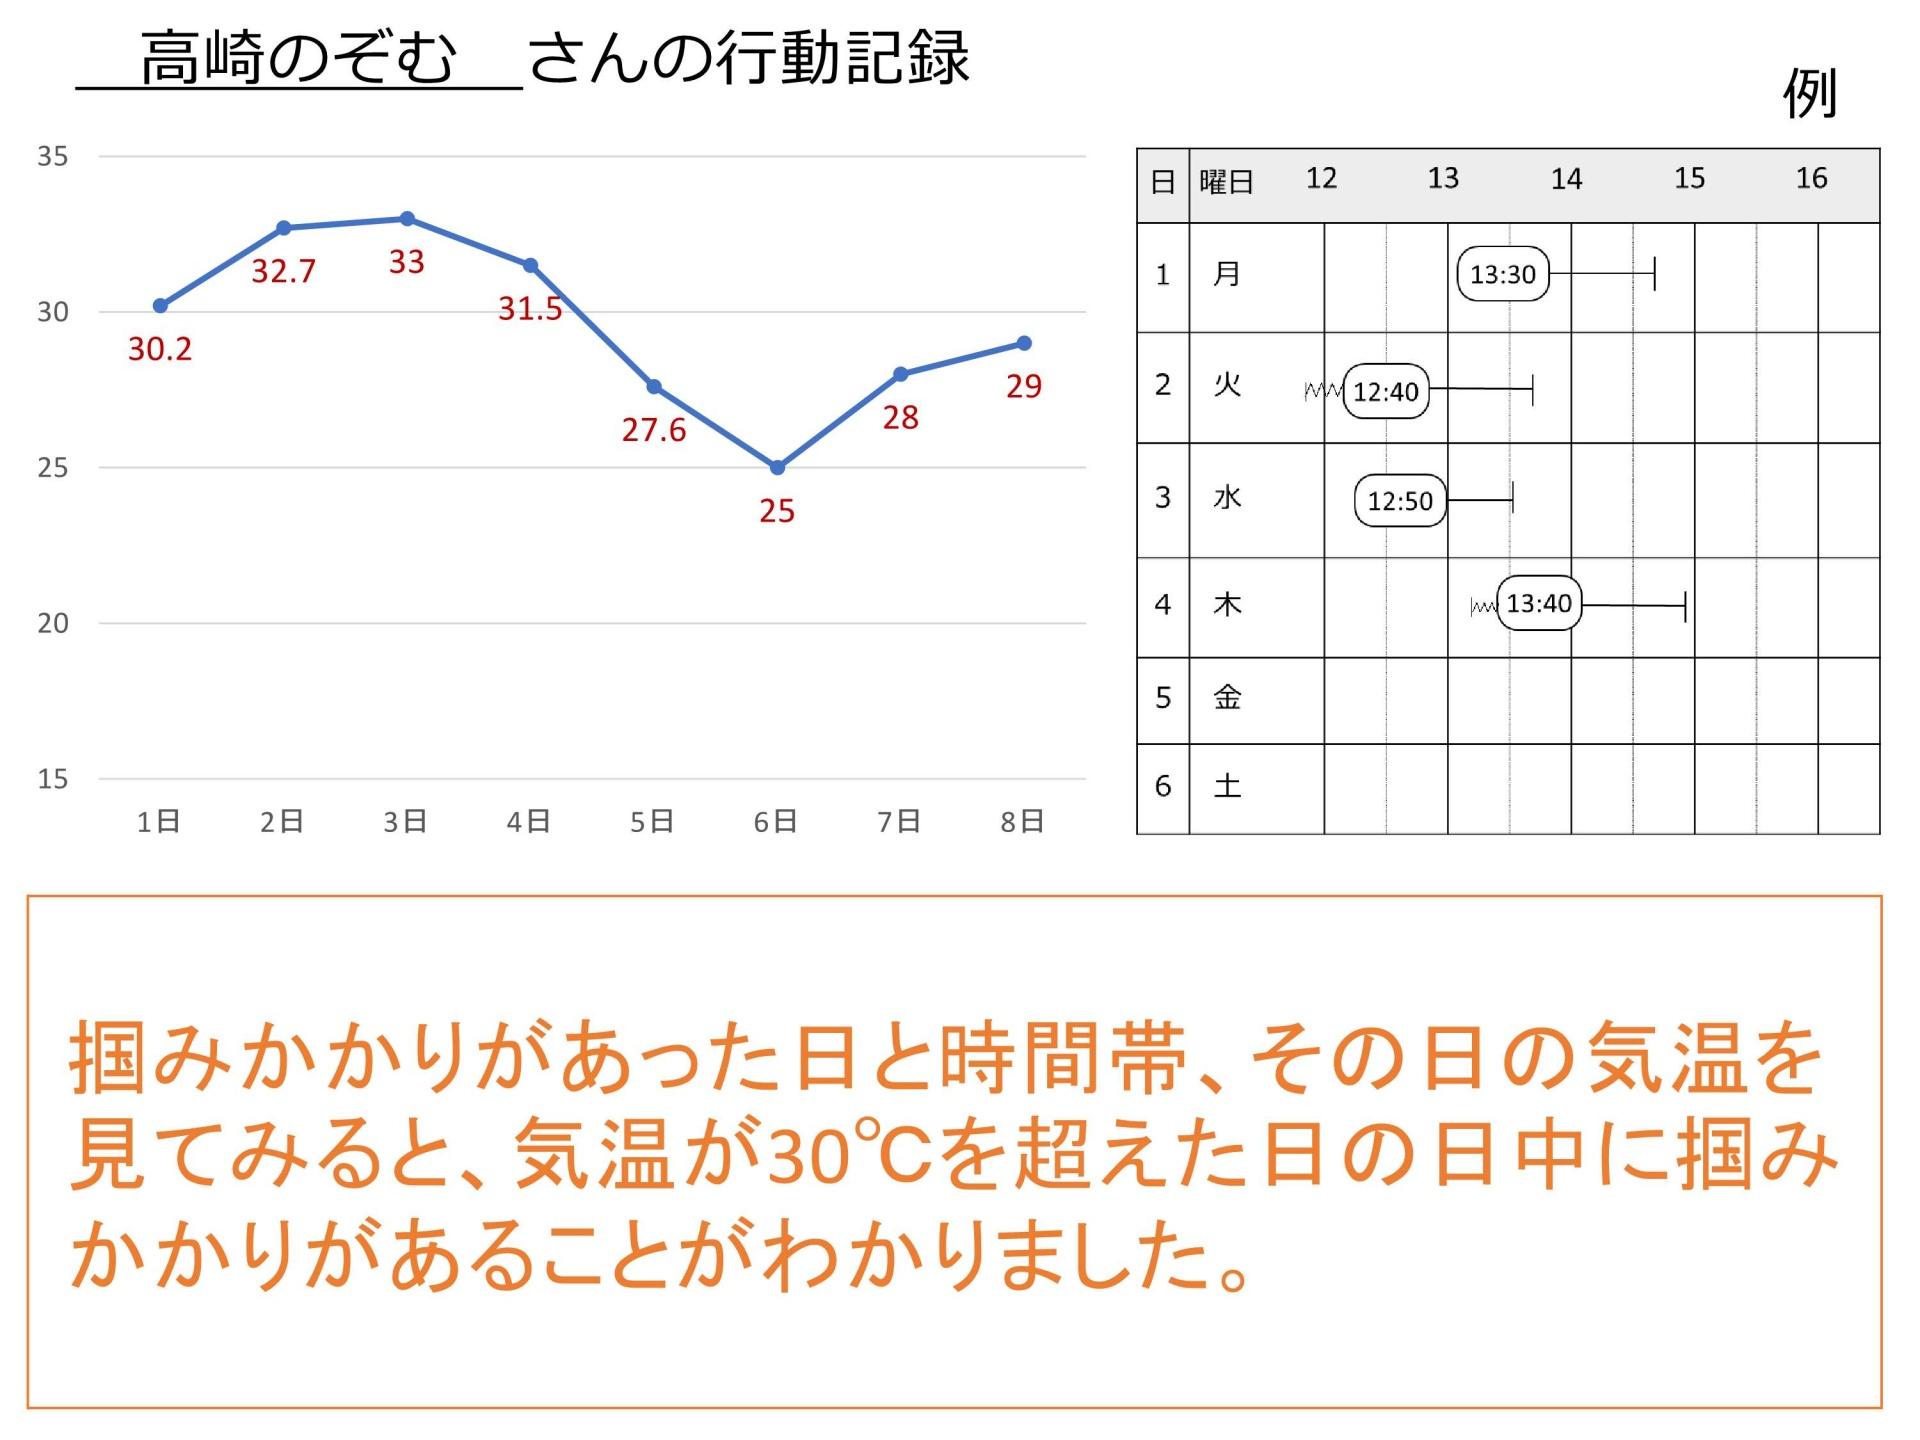 07-1記録に基づく支援の評価(表示用)・宮原/小野澤_6